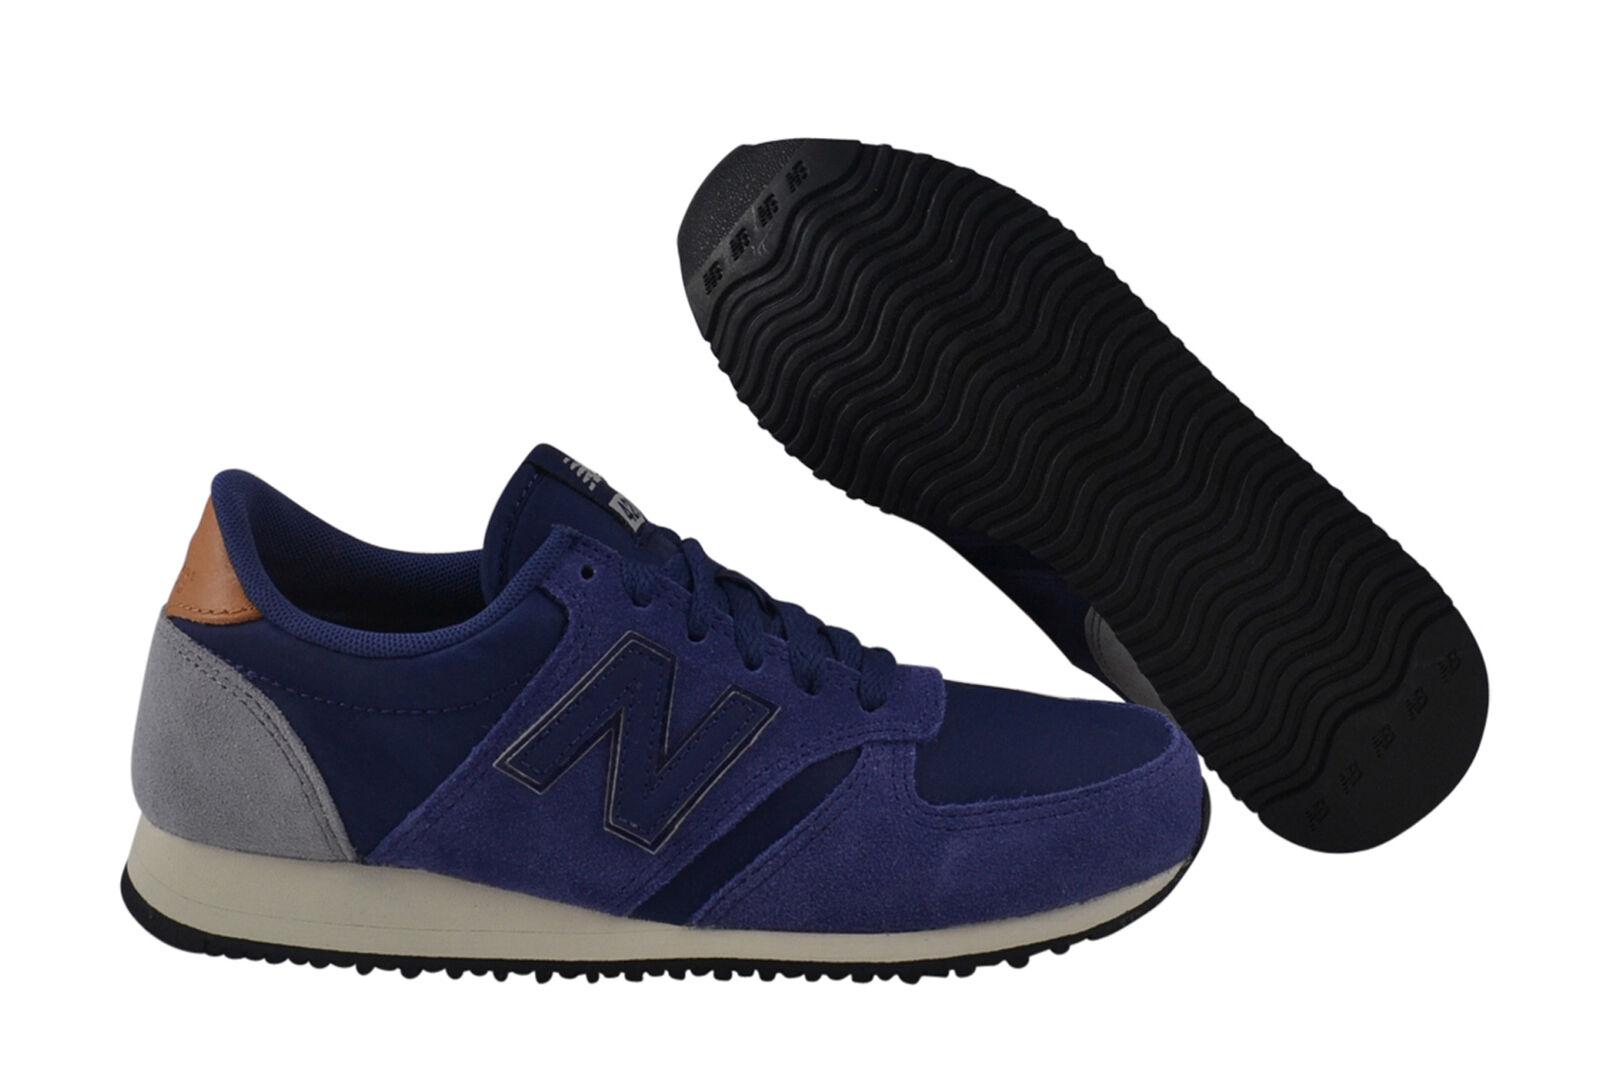 nuovo Balance u420 BGT blu sautope da ginnastica Sautope 410 Blu Navy Sautope classeiche da uomo